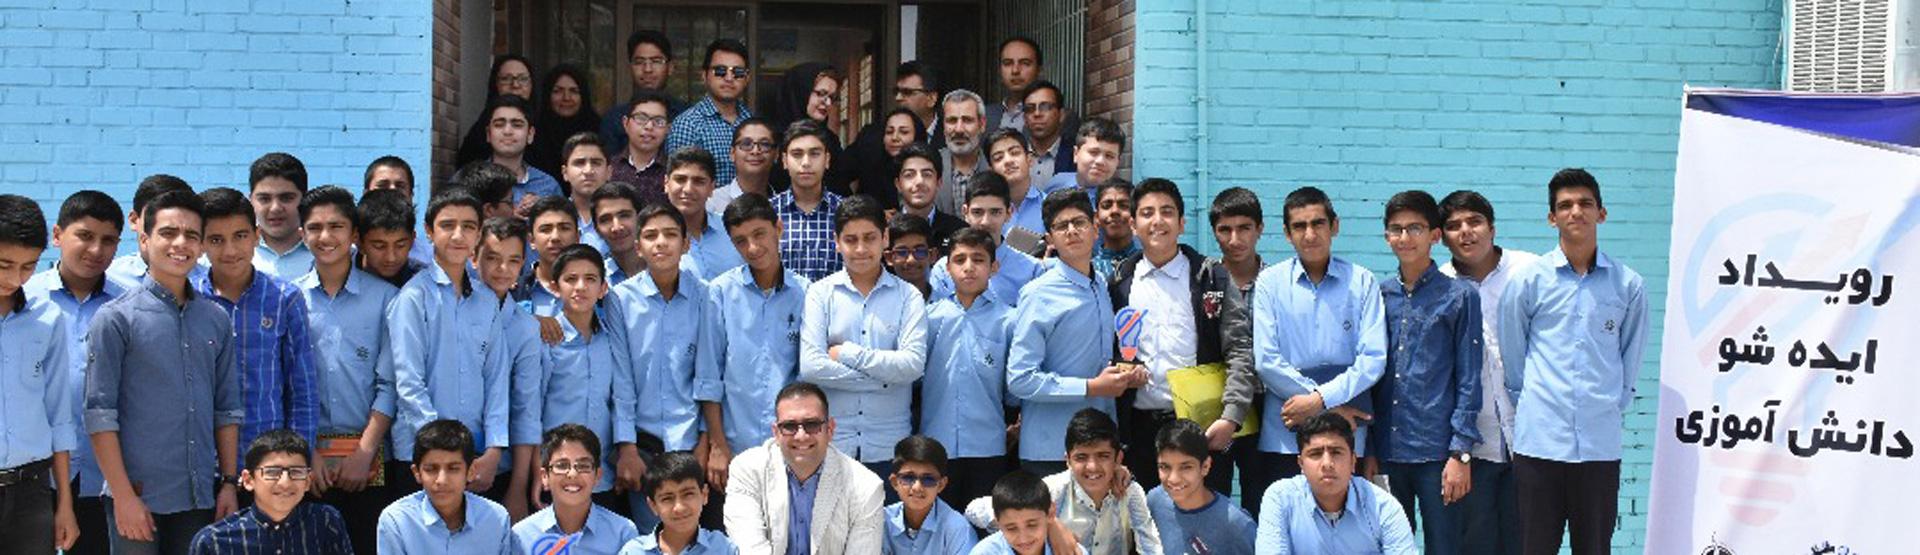 برگزاری نخستین رویداد ایده شوی دانش آموزی در شهرستان طبس